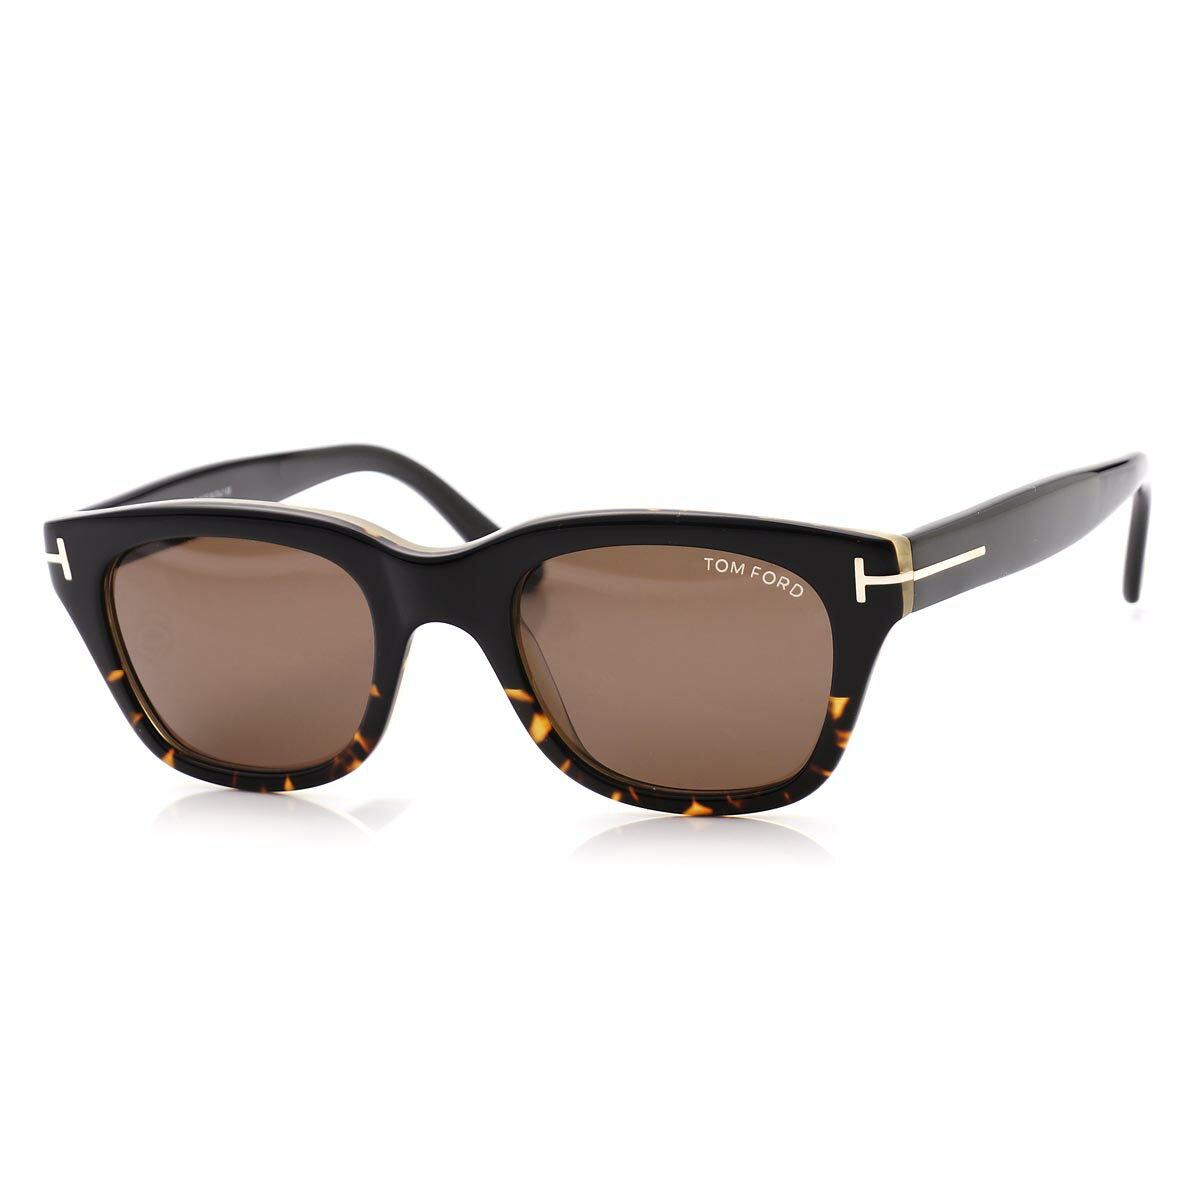 トムフォード TOM FORD サングラス ブラック メンズ 黒 ft0237 05j TF0237 SNOWDON ウェリントン【ラッピング無料】【返品送料無料】【あす楽対応_関東】